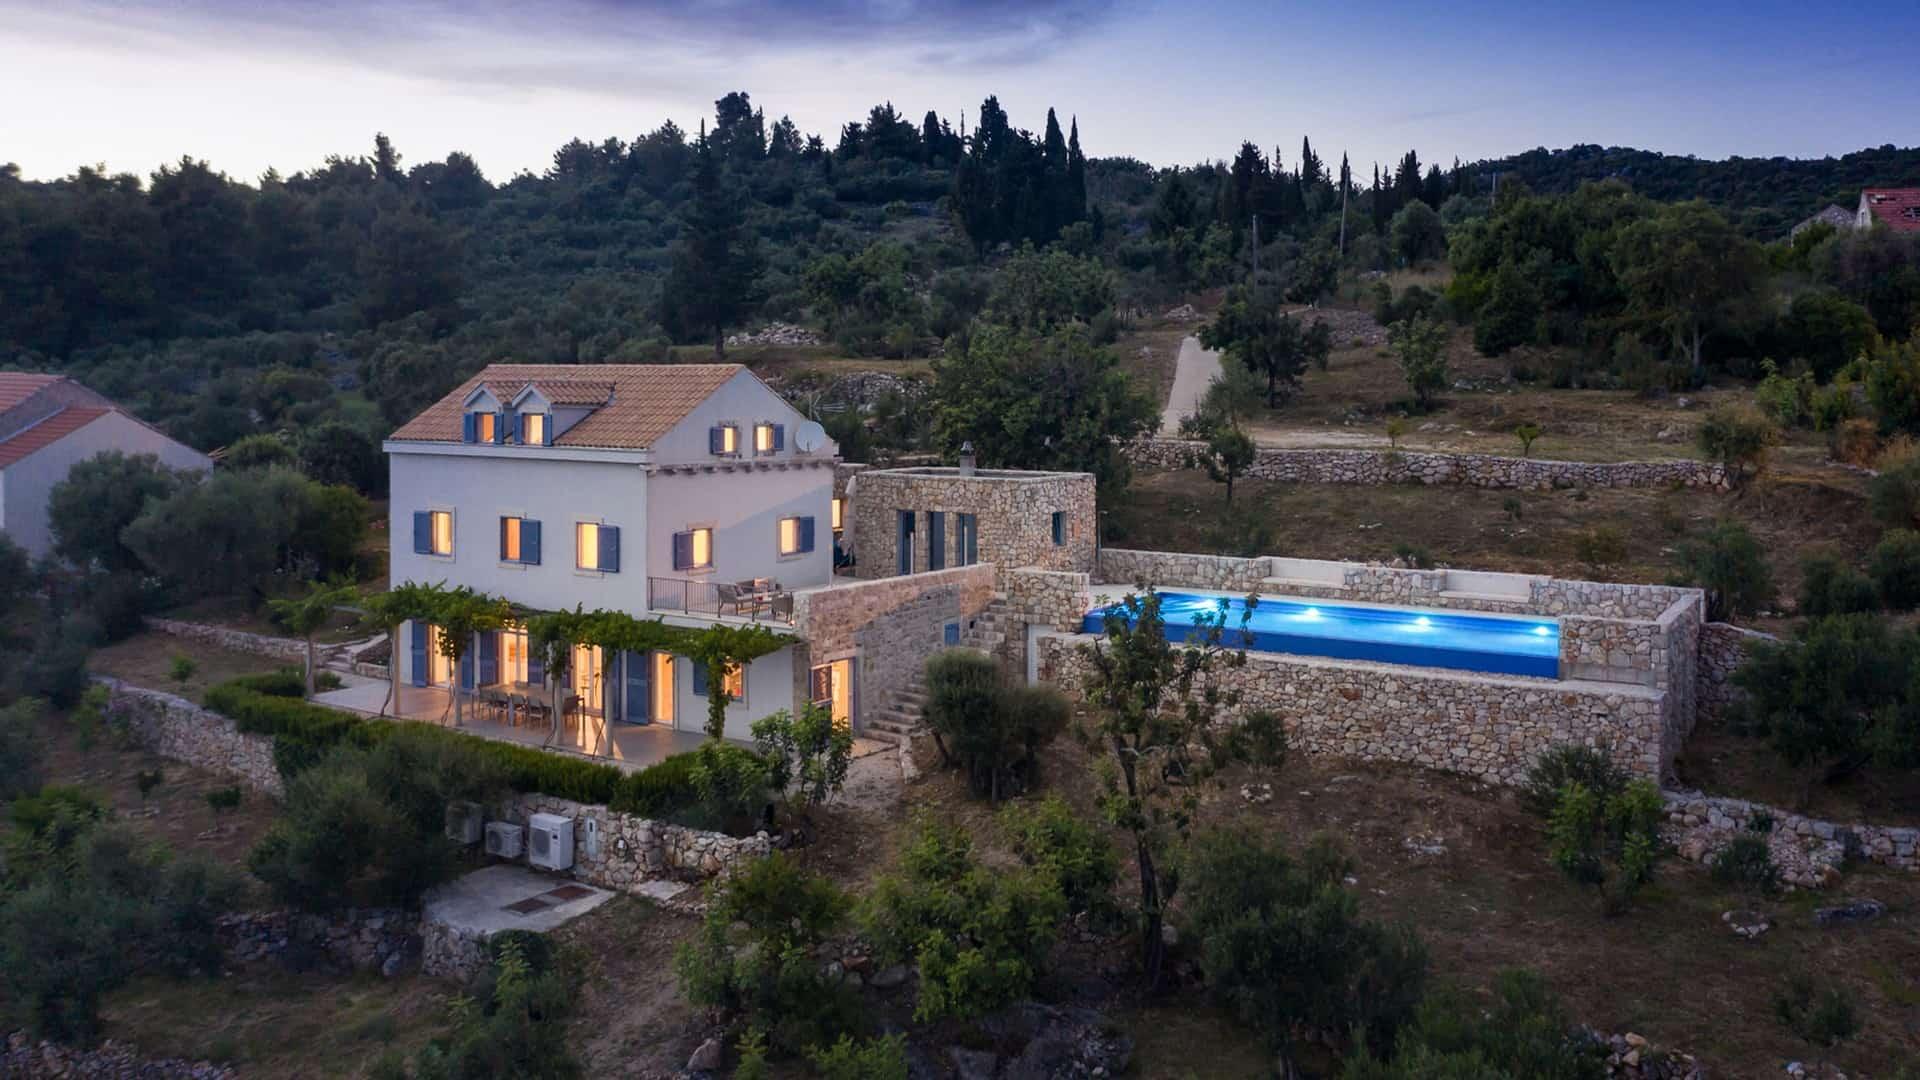 Luxusvilla mit Pool, schöne Natur